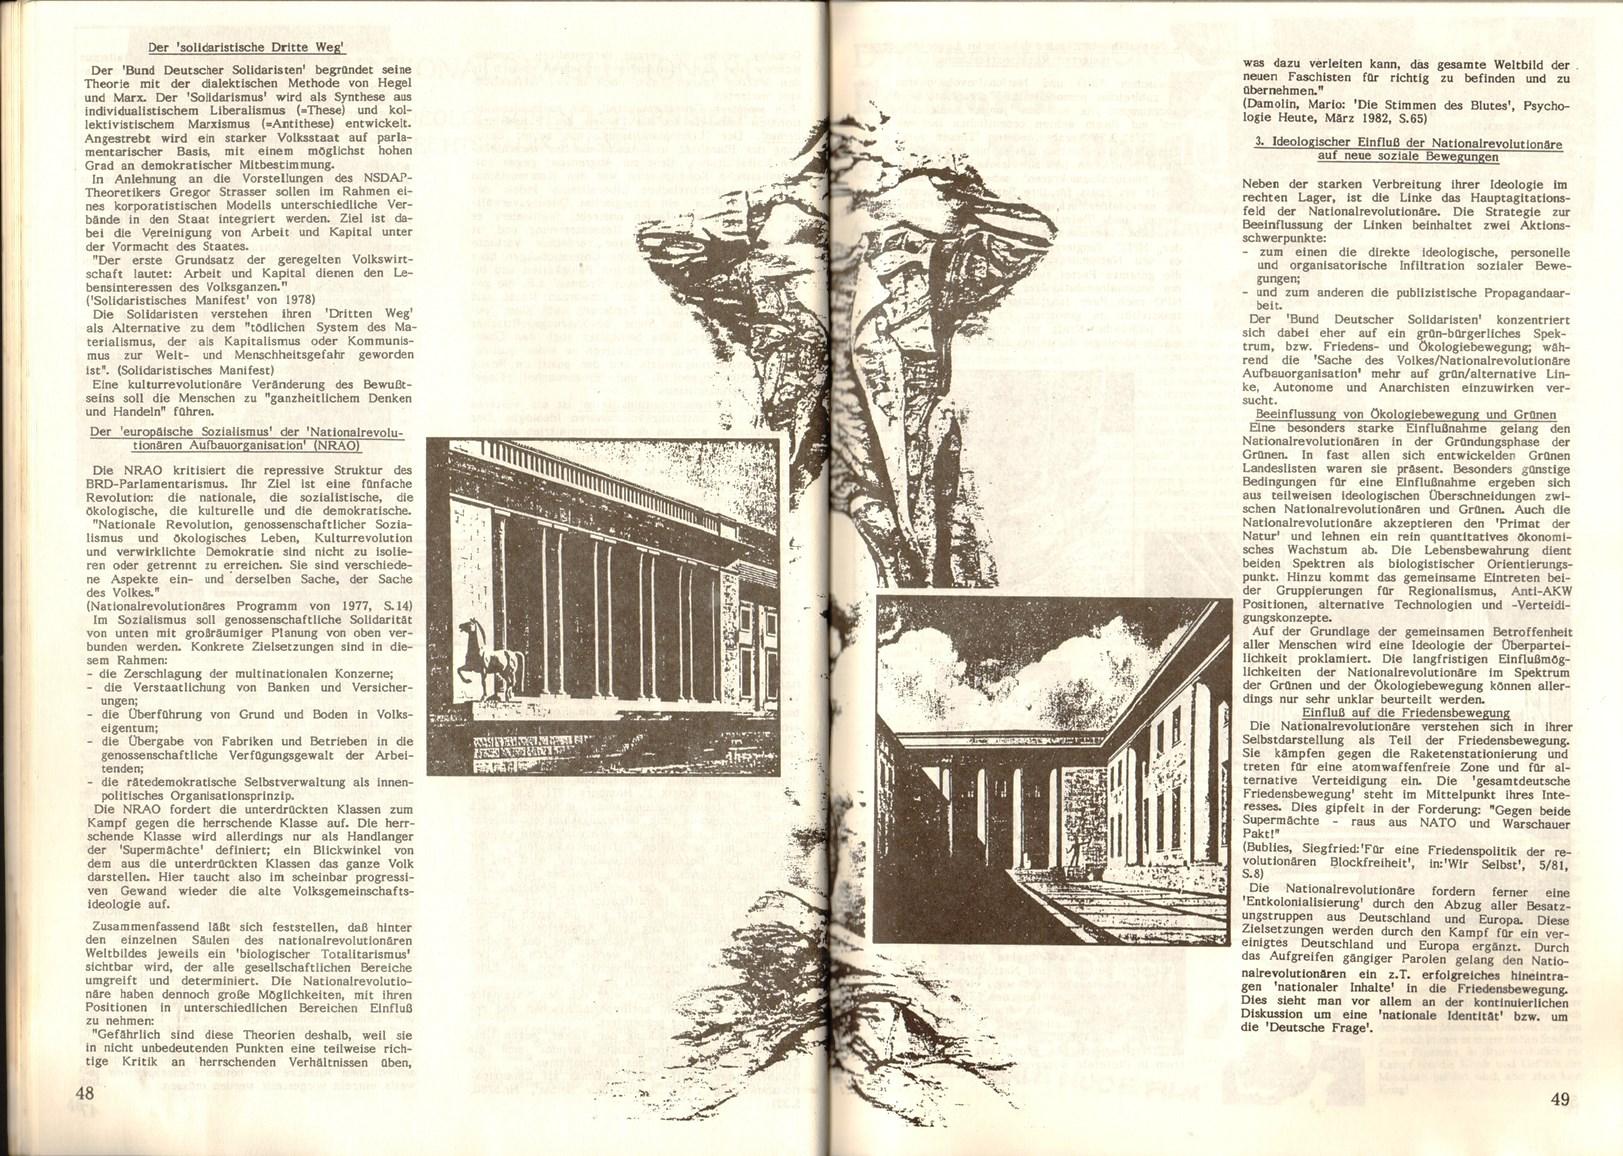 Gelsenkirchen_Zukunft_Vergangenheit_1988_25